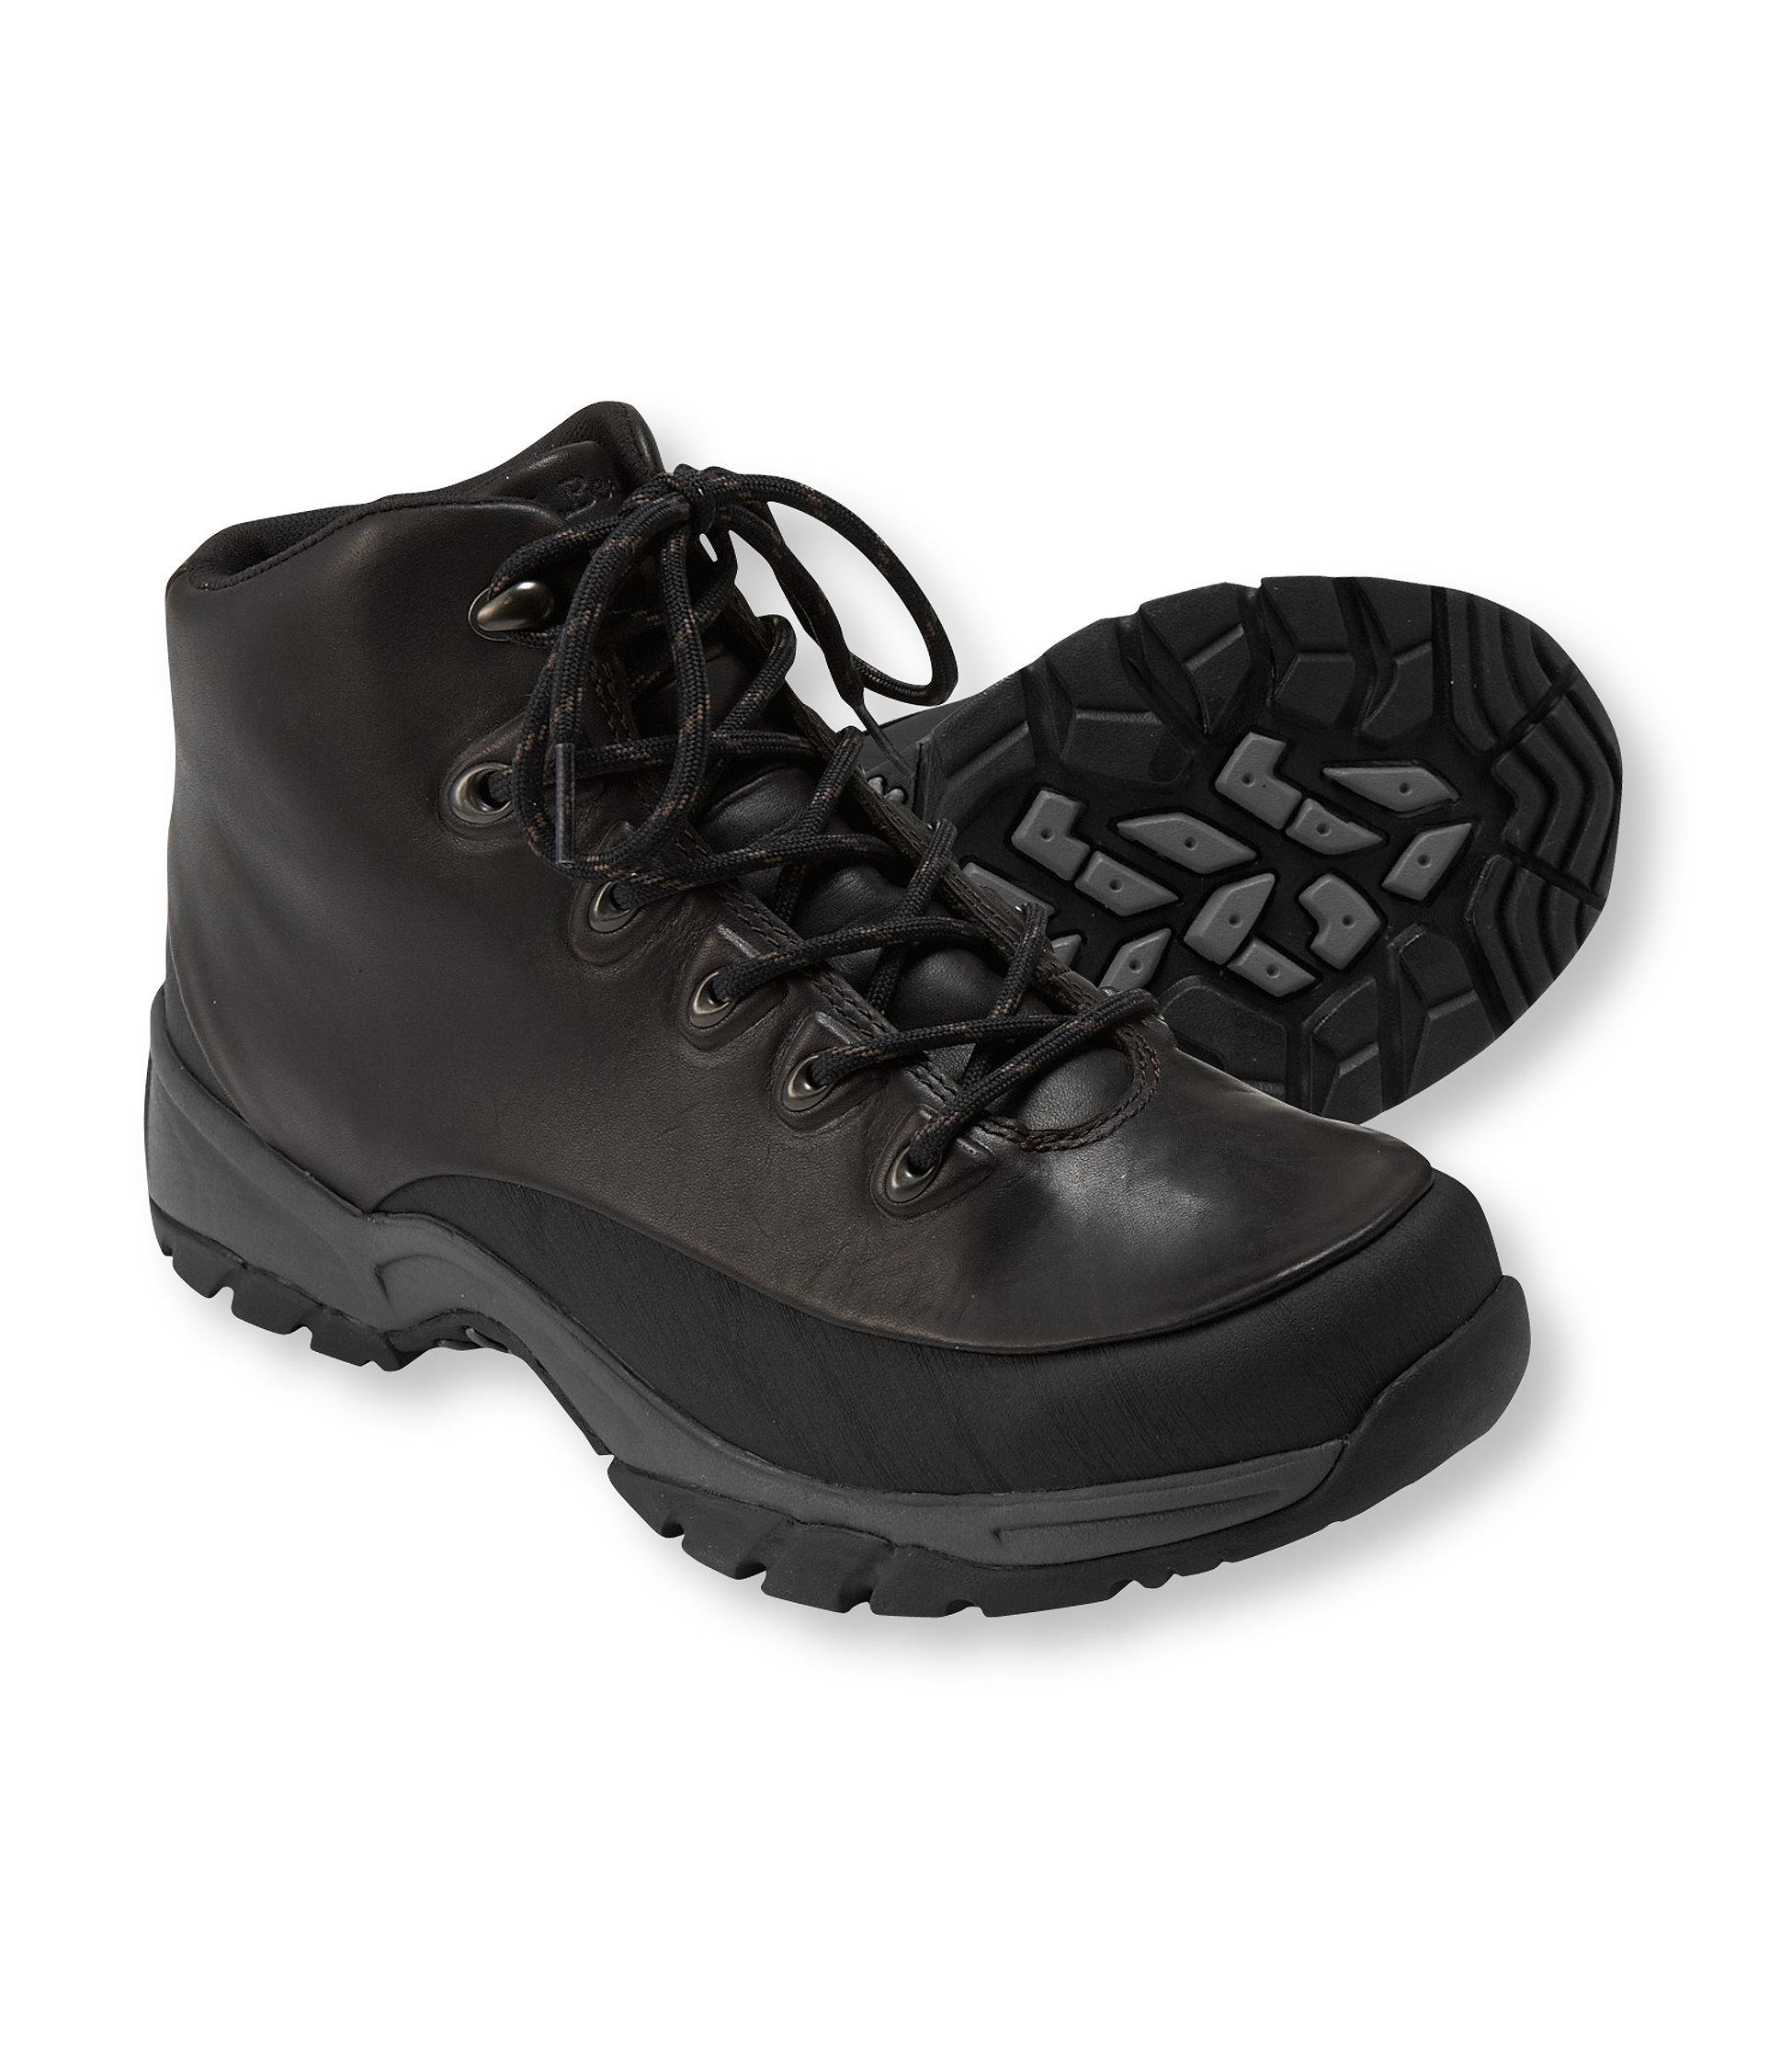 L.L.Bean Trail Model Walker, Waterproof Leather Mid